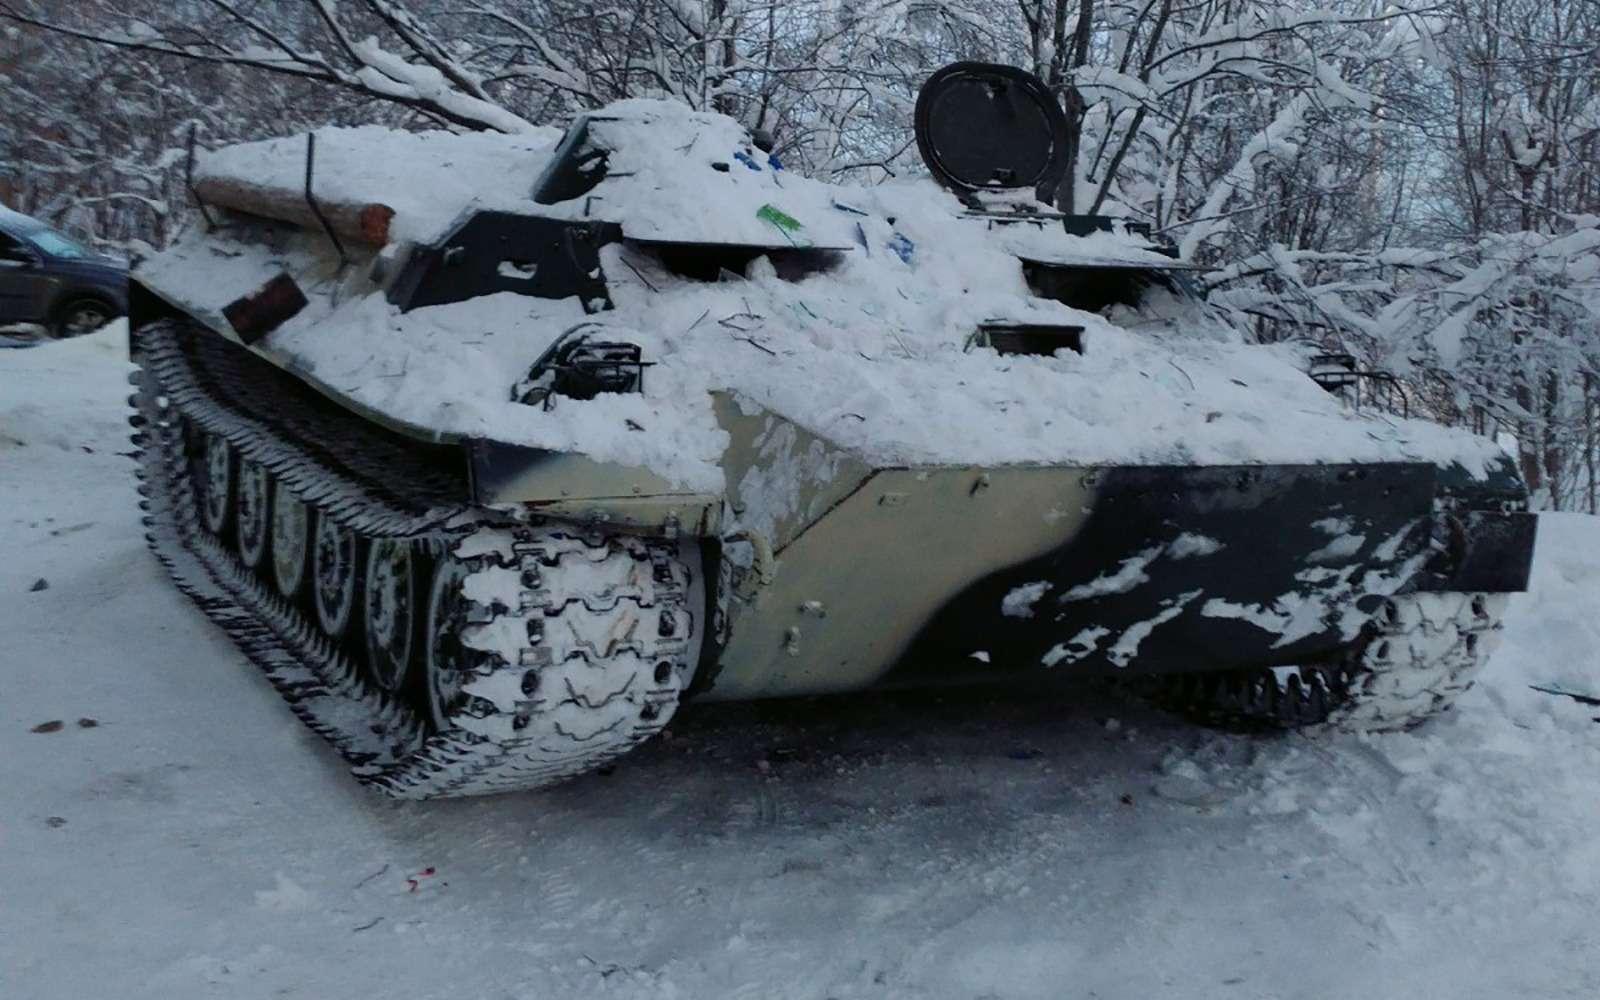 Самое необычное ДТП года: на«танке» завином— фото 834455